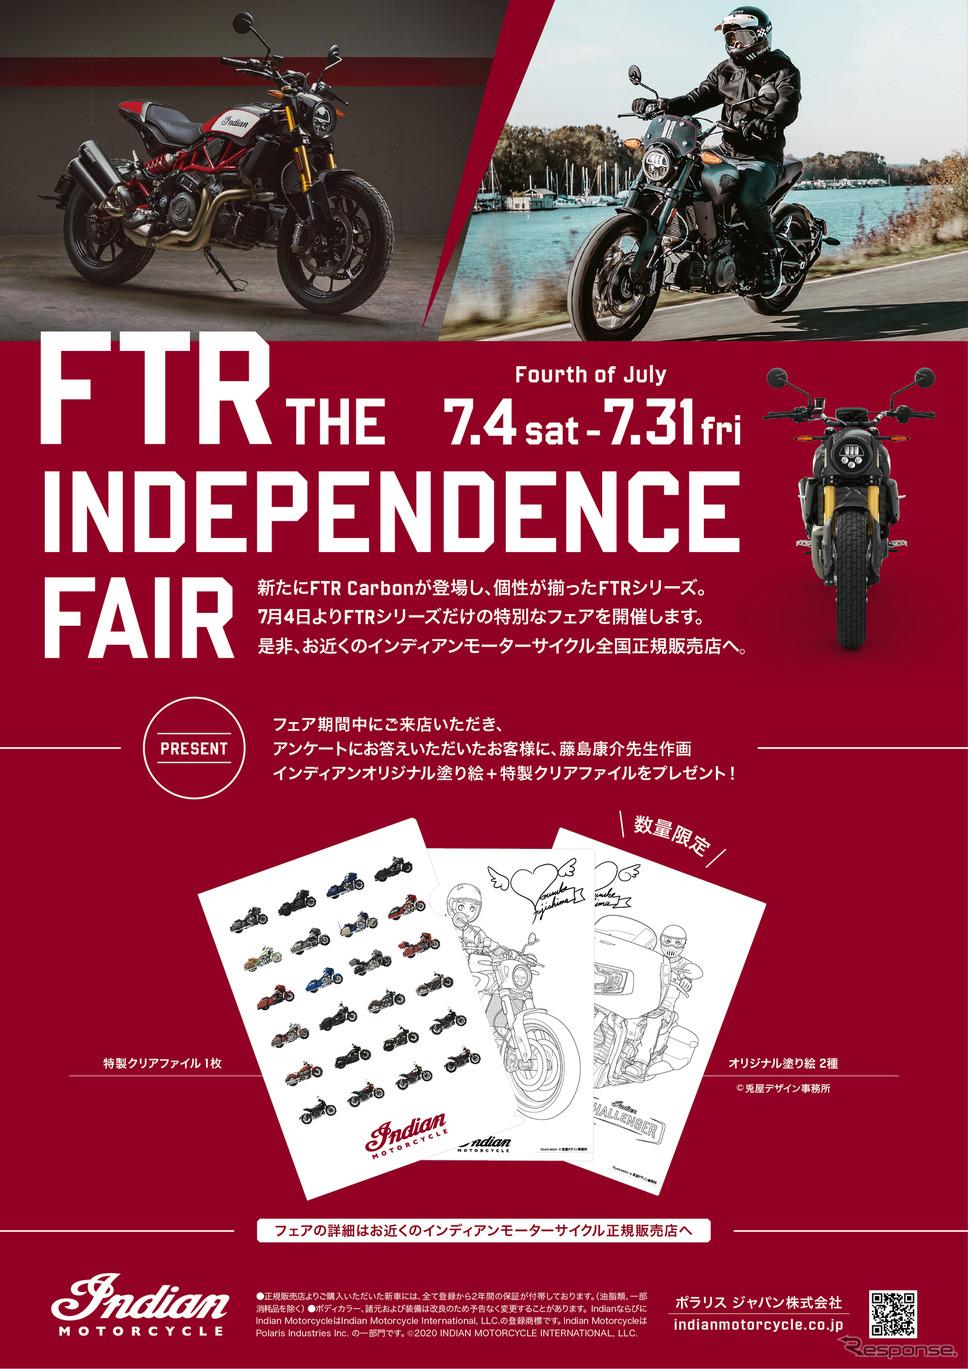 7月4日~7月31日までFTRフェアを開催中。ディーラーへ行ってFTRシリーズをこの目で確かめよう!